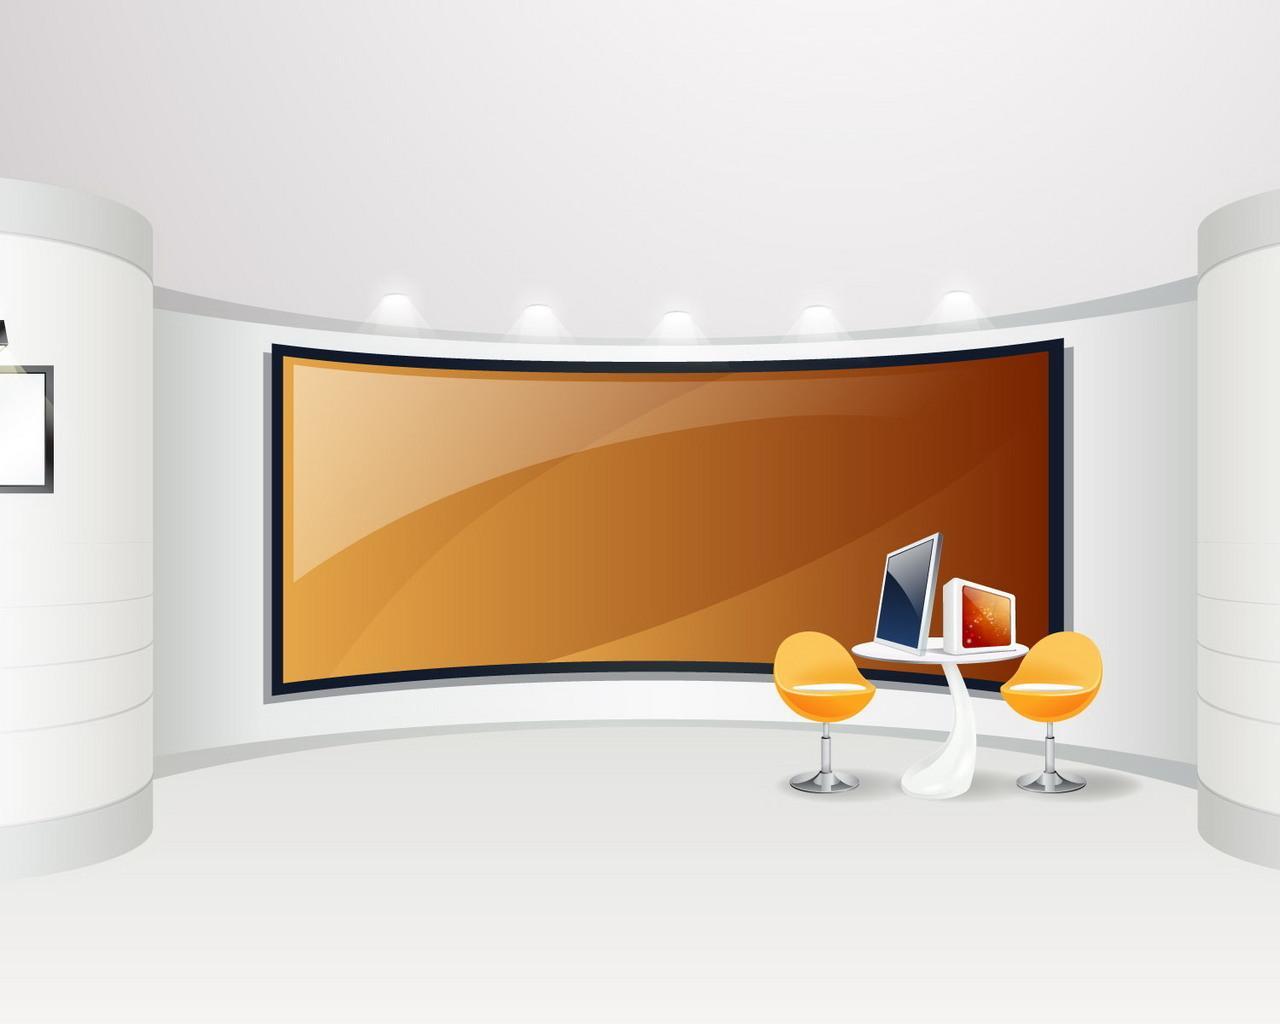 Best Office Design Modern Office Design Wall2U 1280x1024